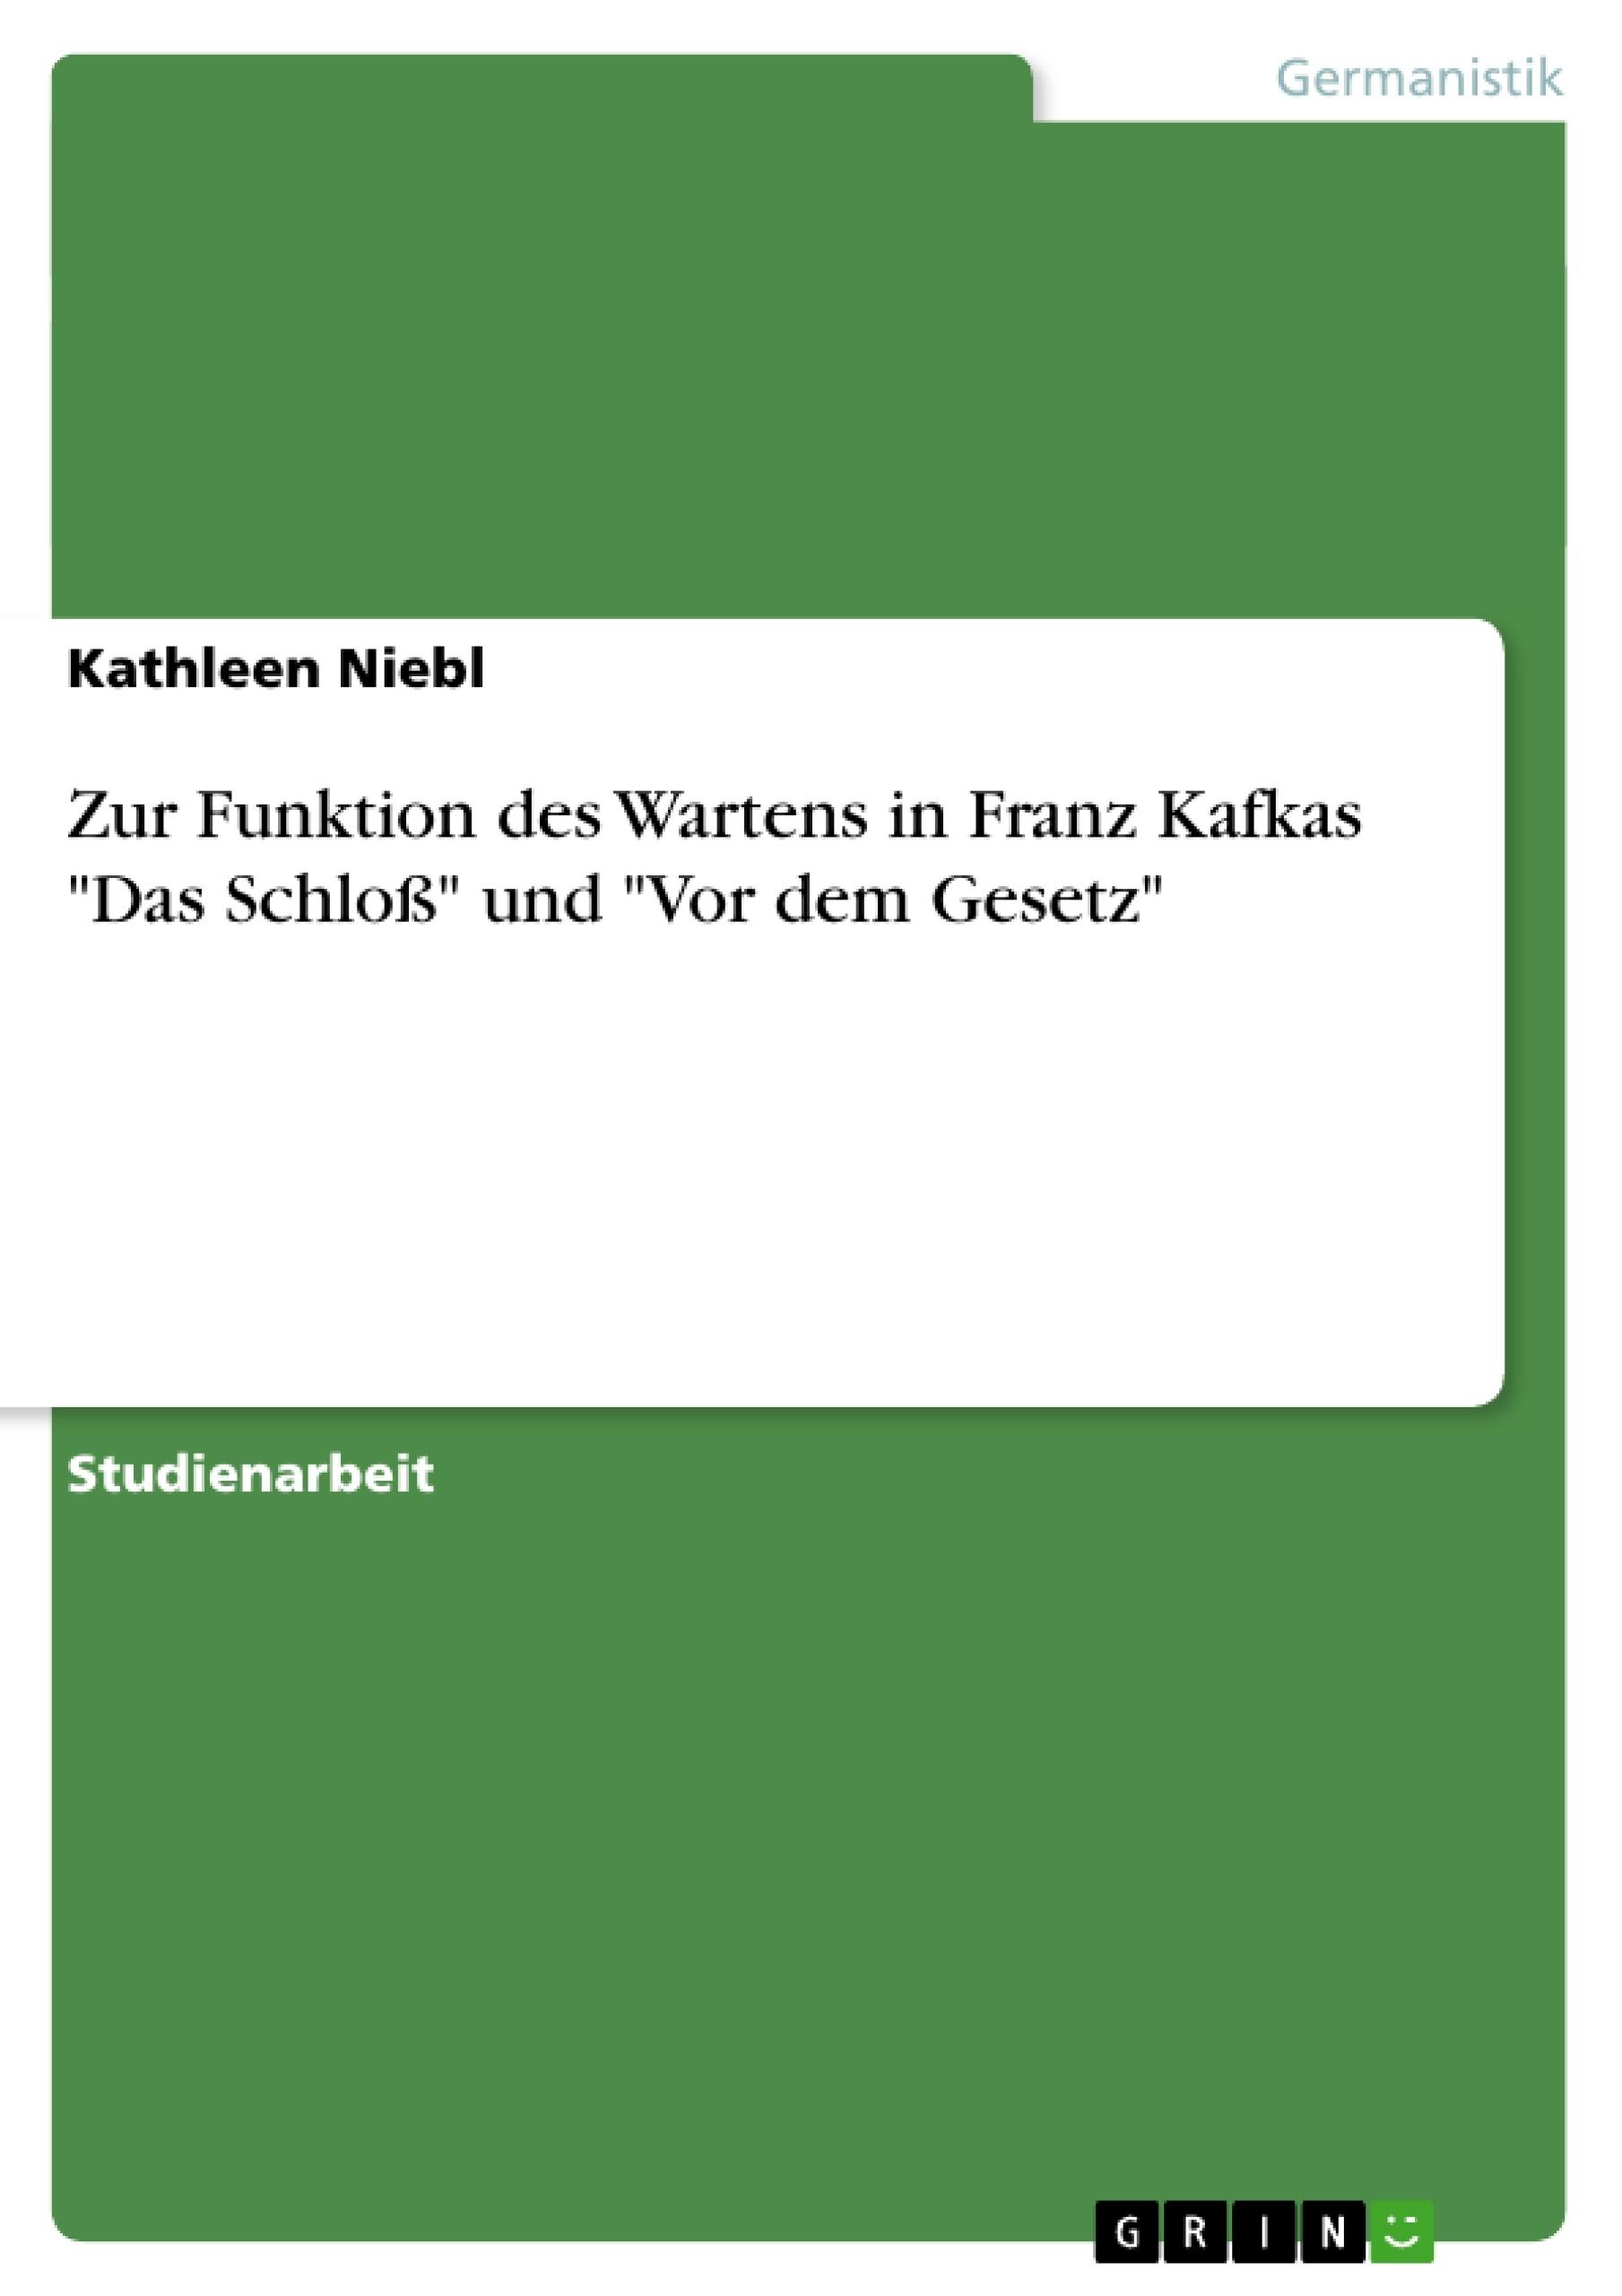 """Titel: Zur Funktion des Wartens in Franz Kafkas """"Das Schloß"""" und """"Vor dem Gesetz"""""""